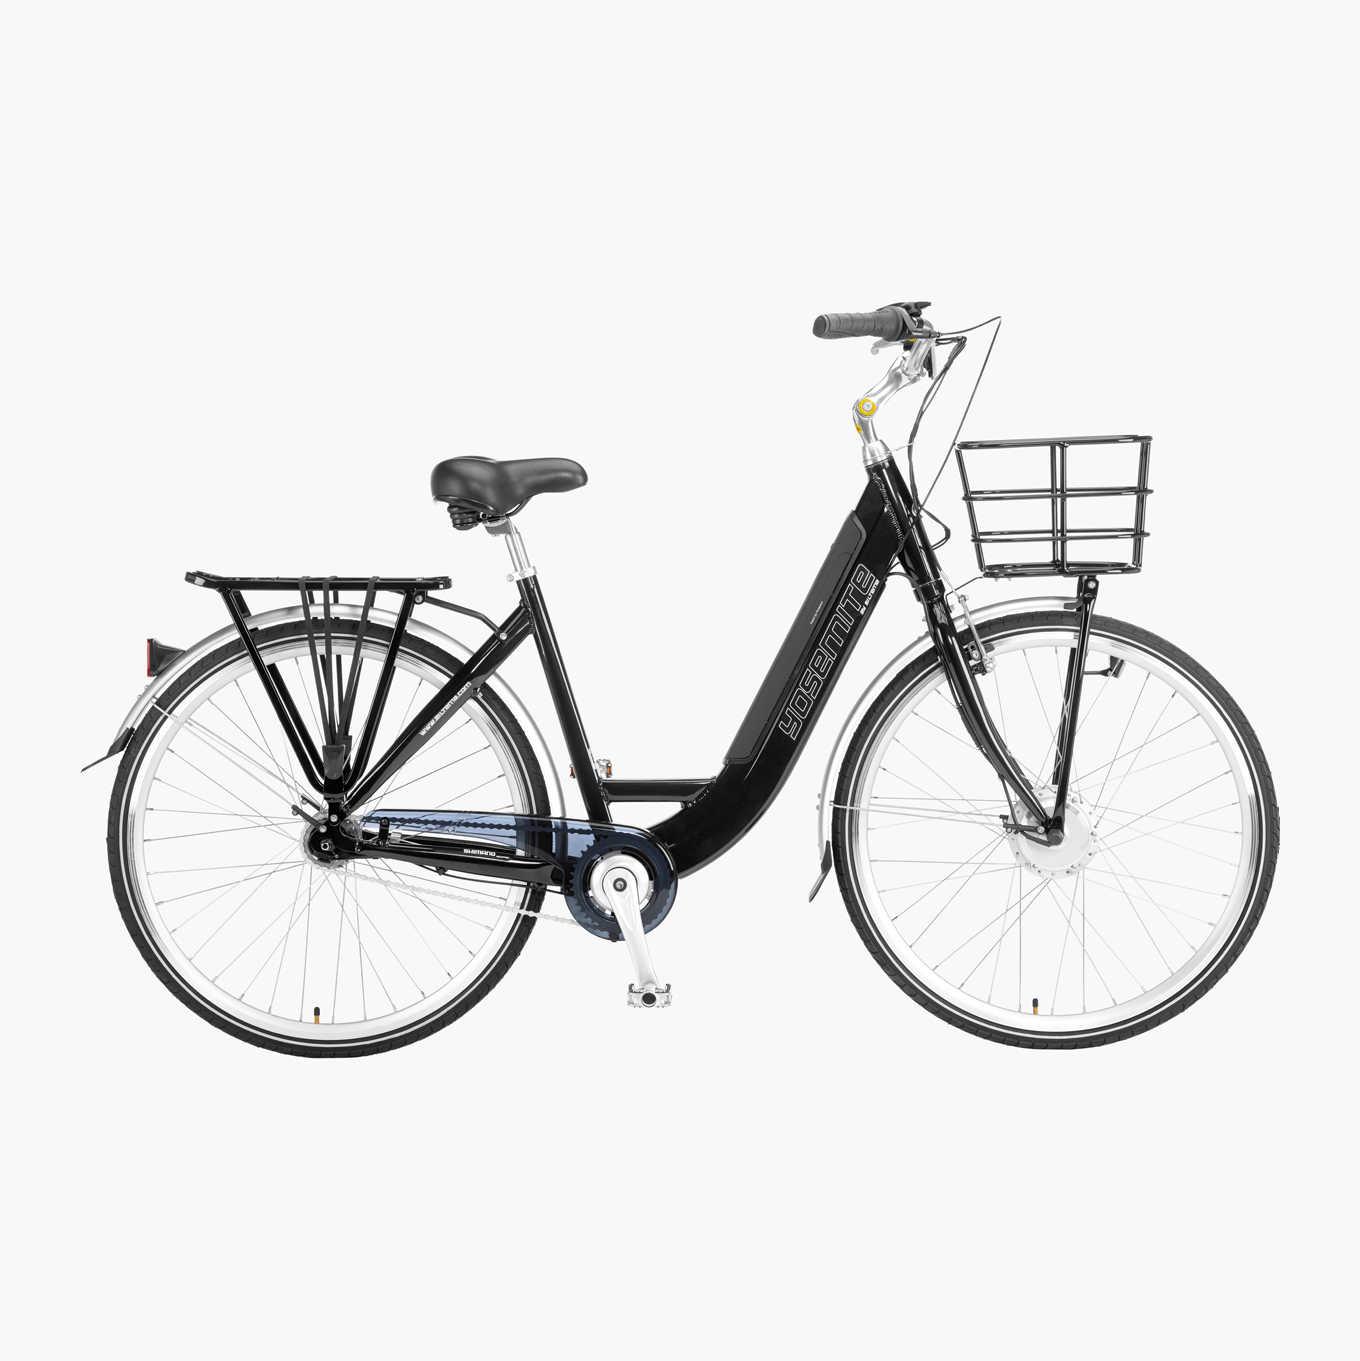 Fantastisk Elcykler | billig el-cykel NN57